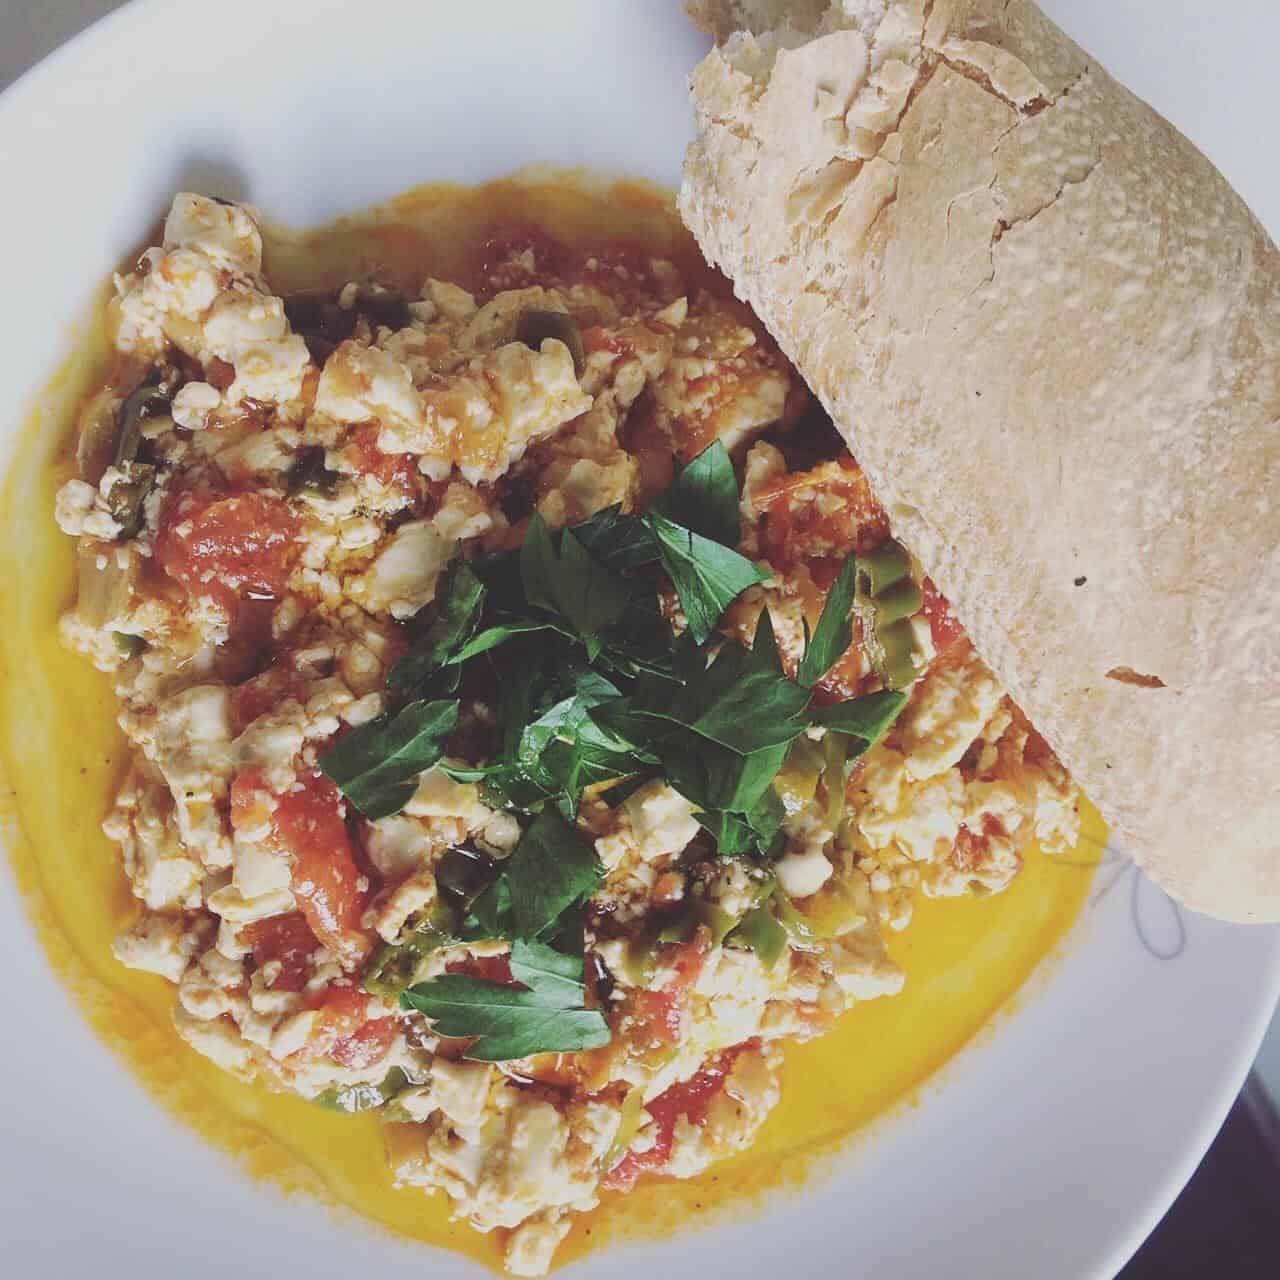 Vegan menemen, a vegan version of Turkish scrambled eggs with tofu